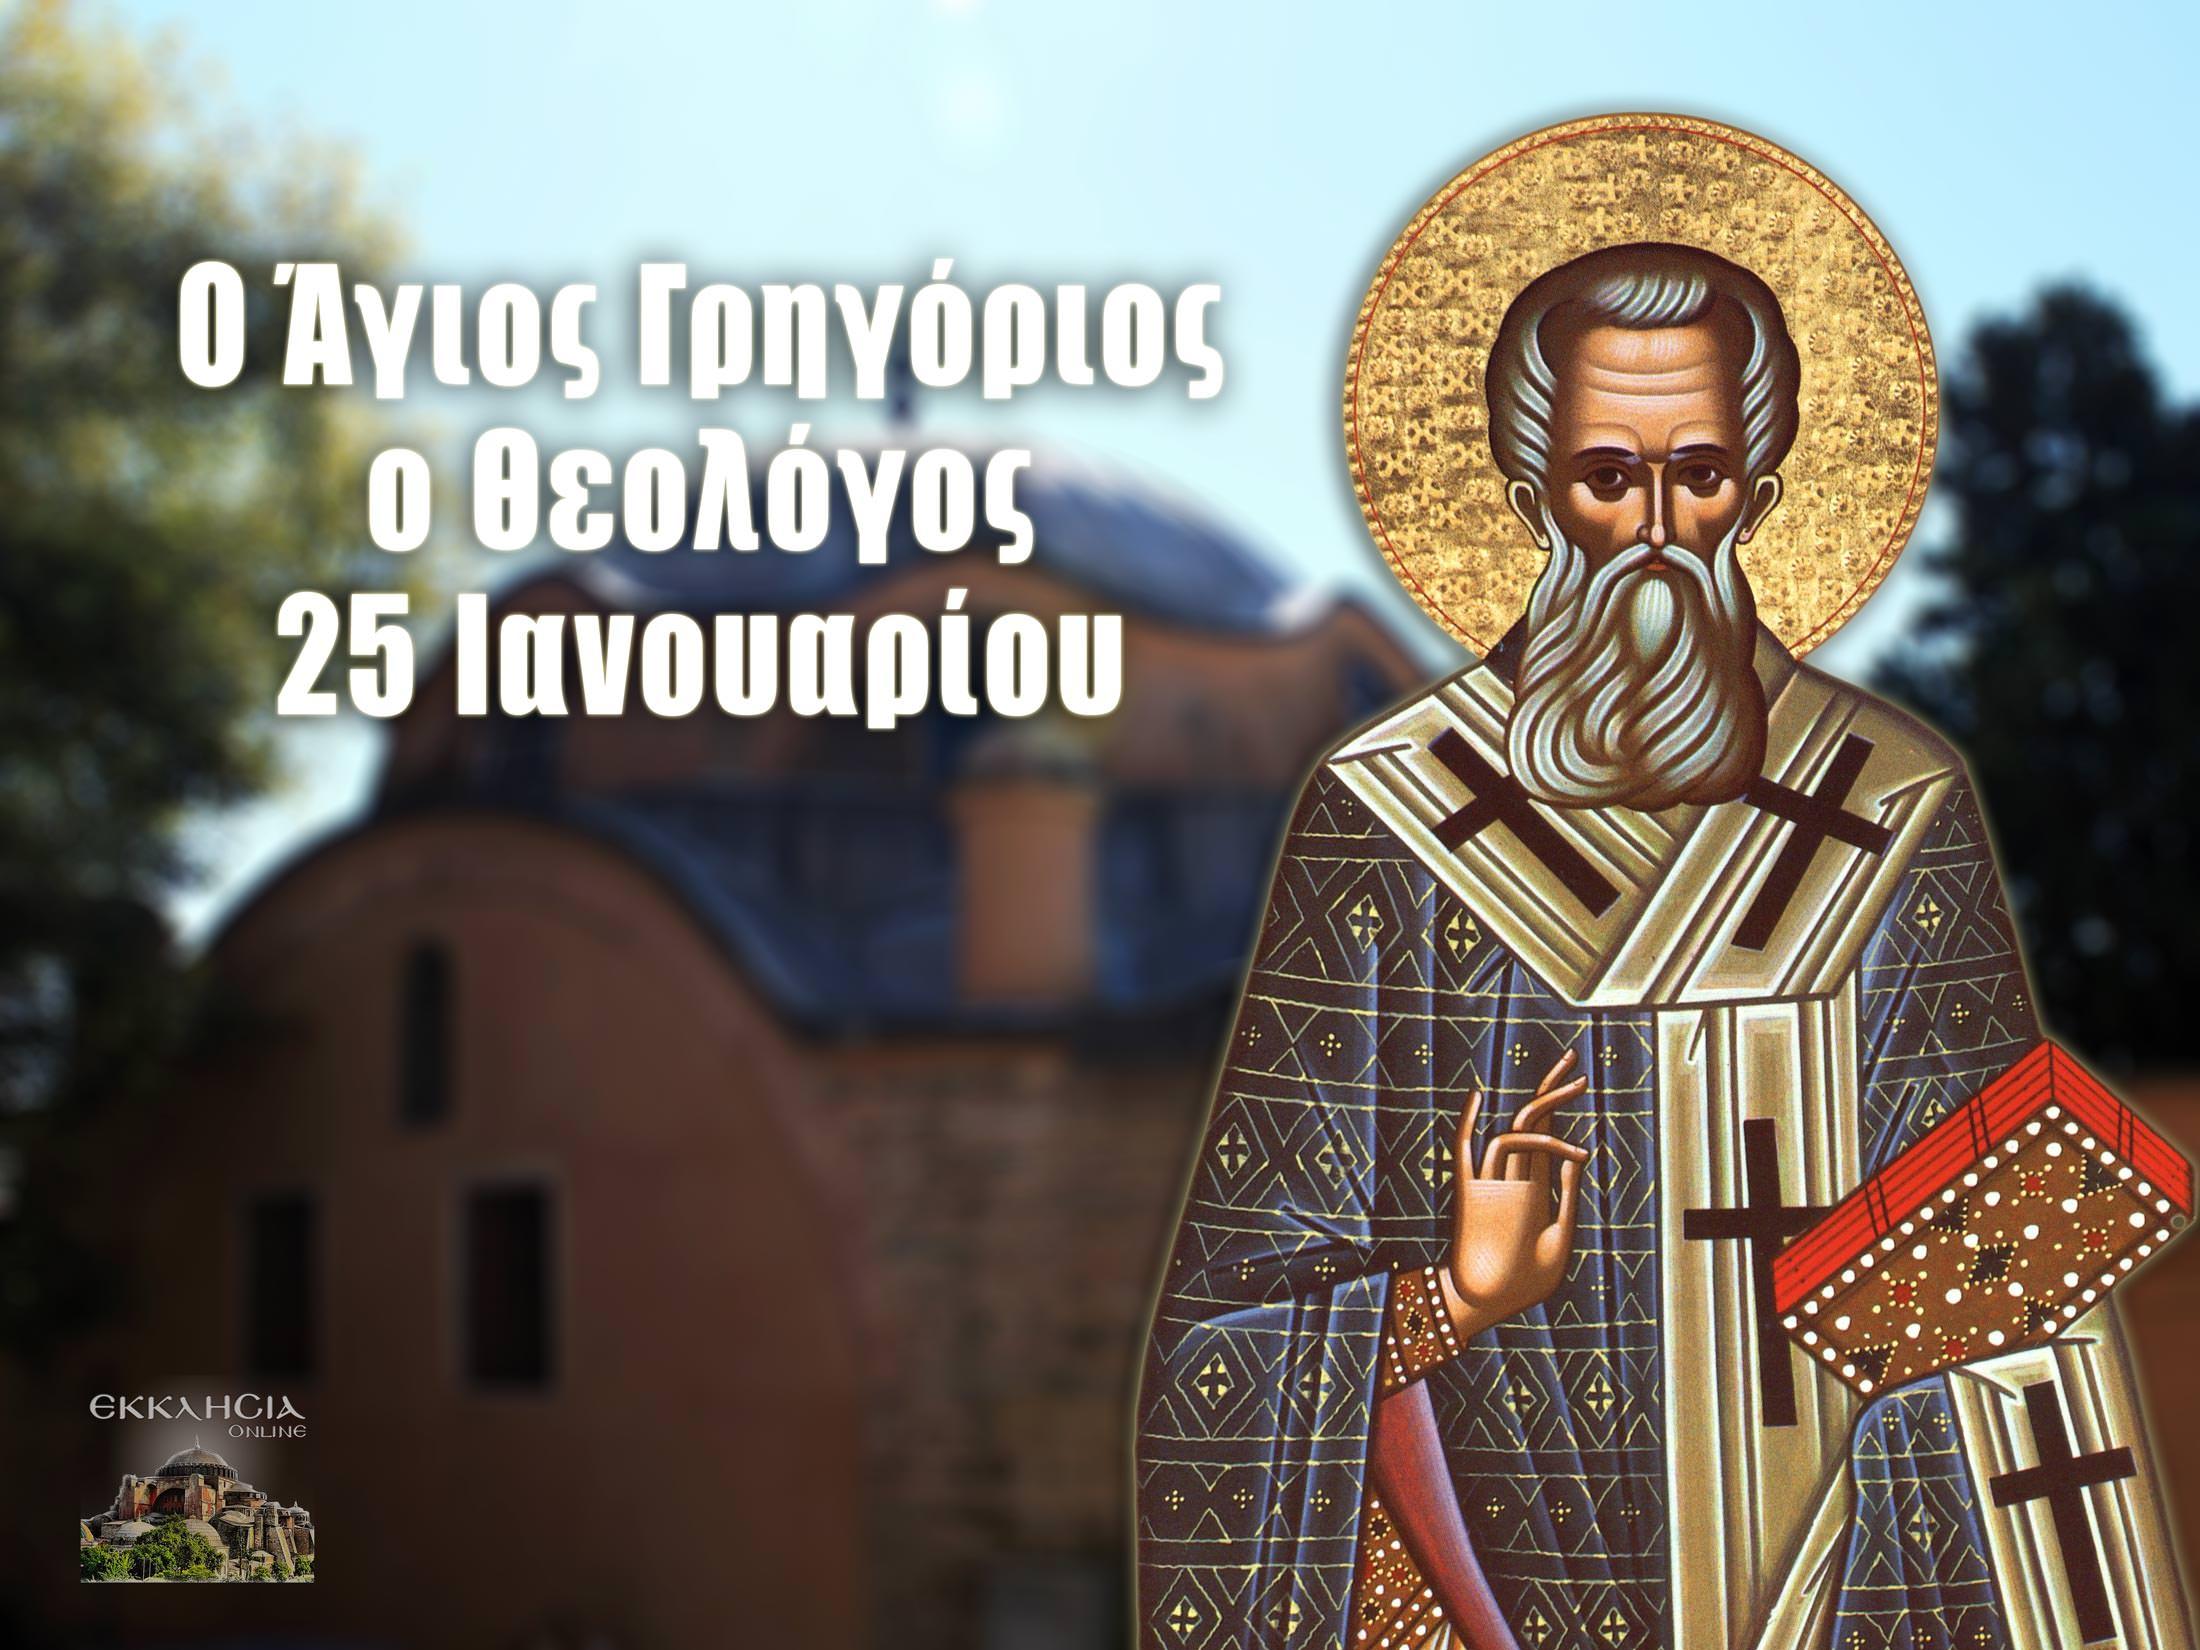 Άγιος Γρηγόριος o Θεολόγος 25 Ιανουαρίου